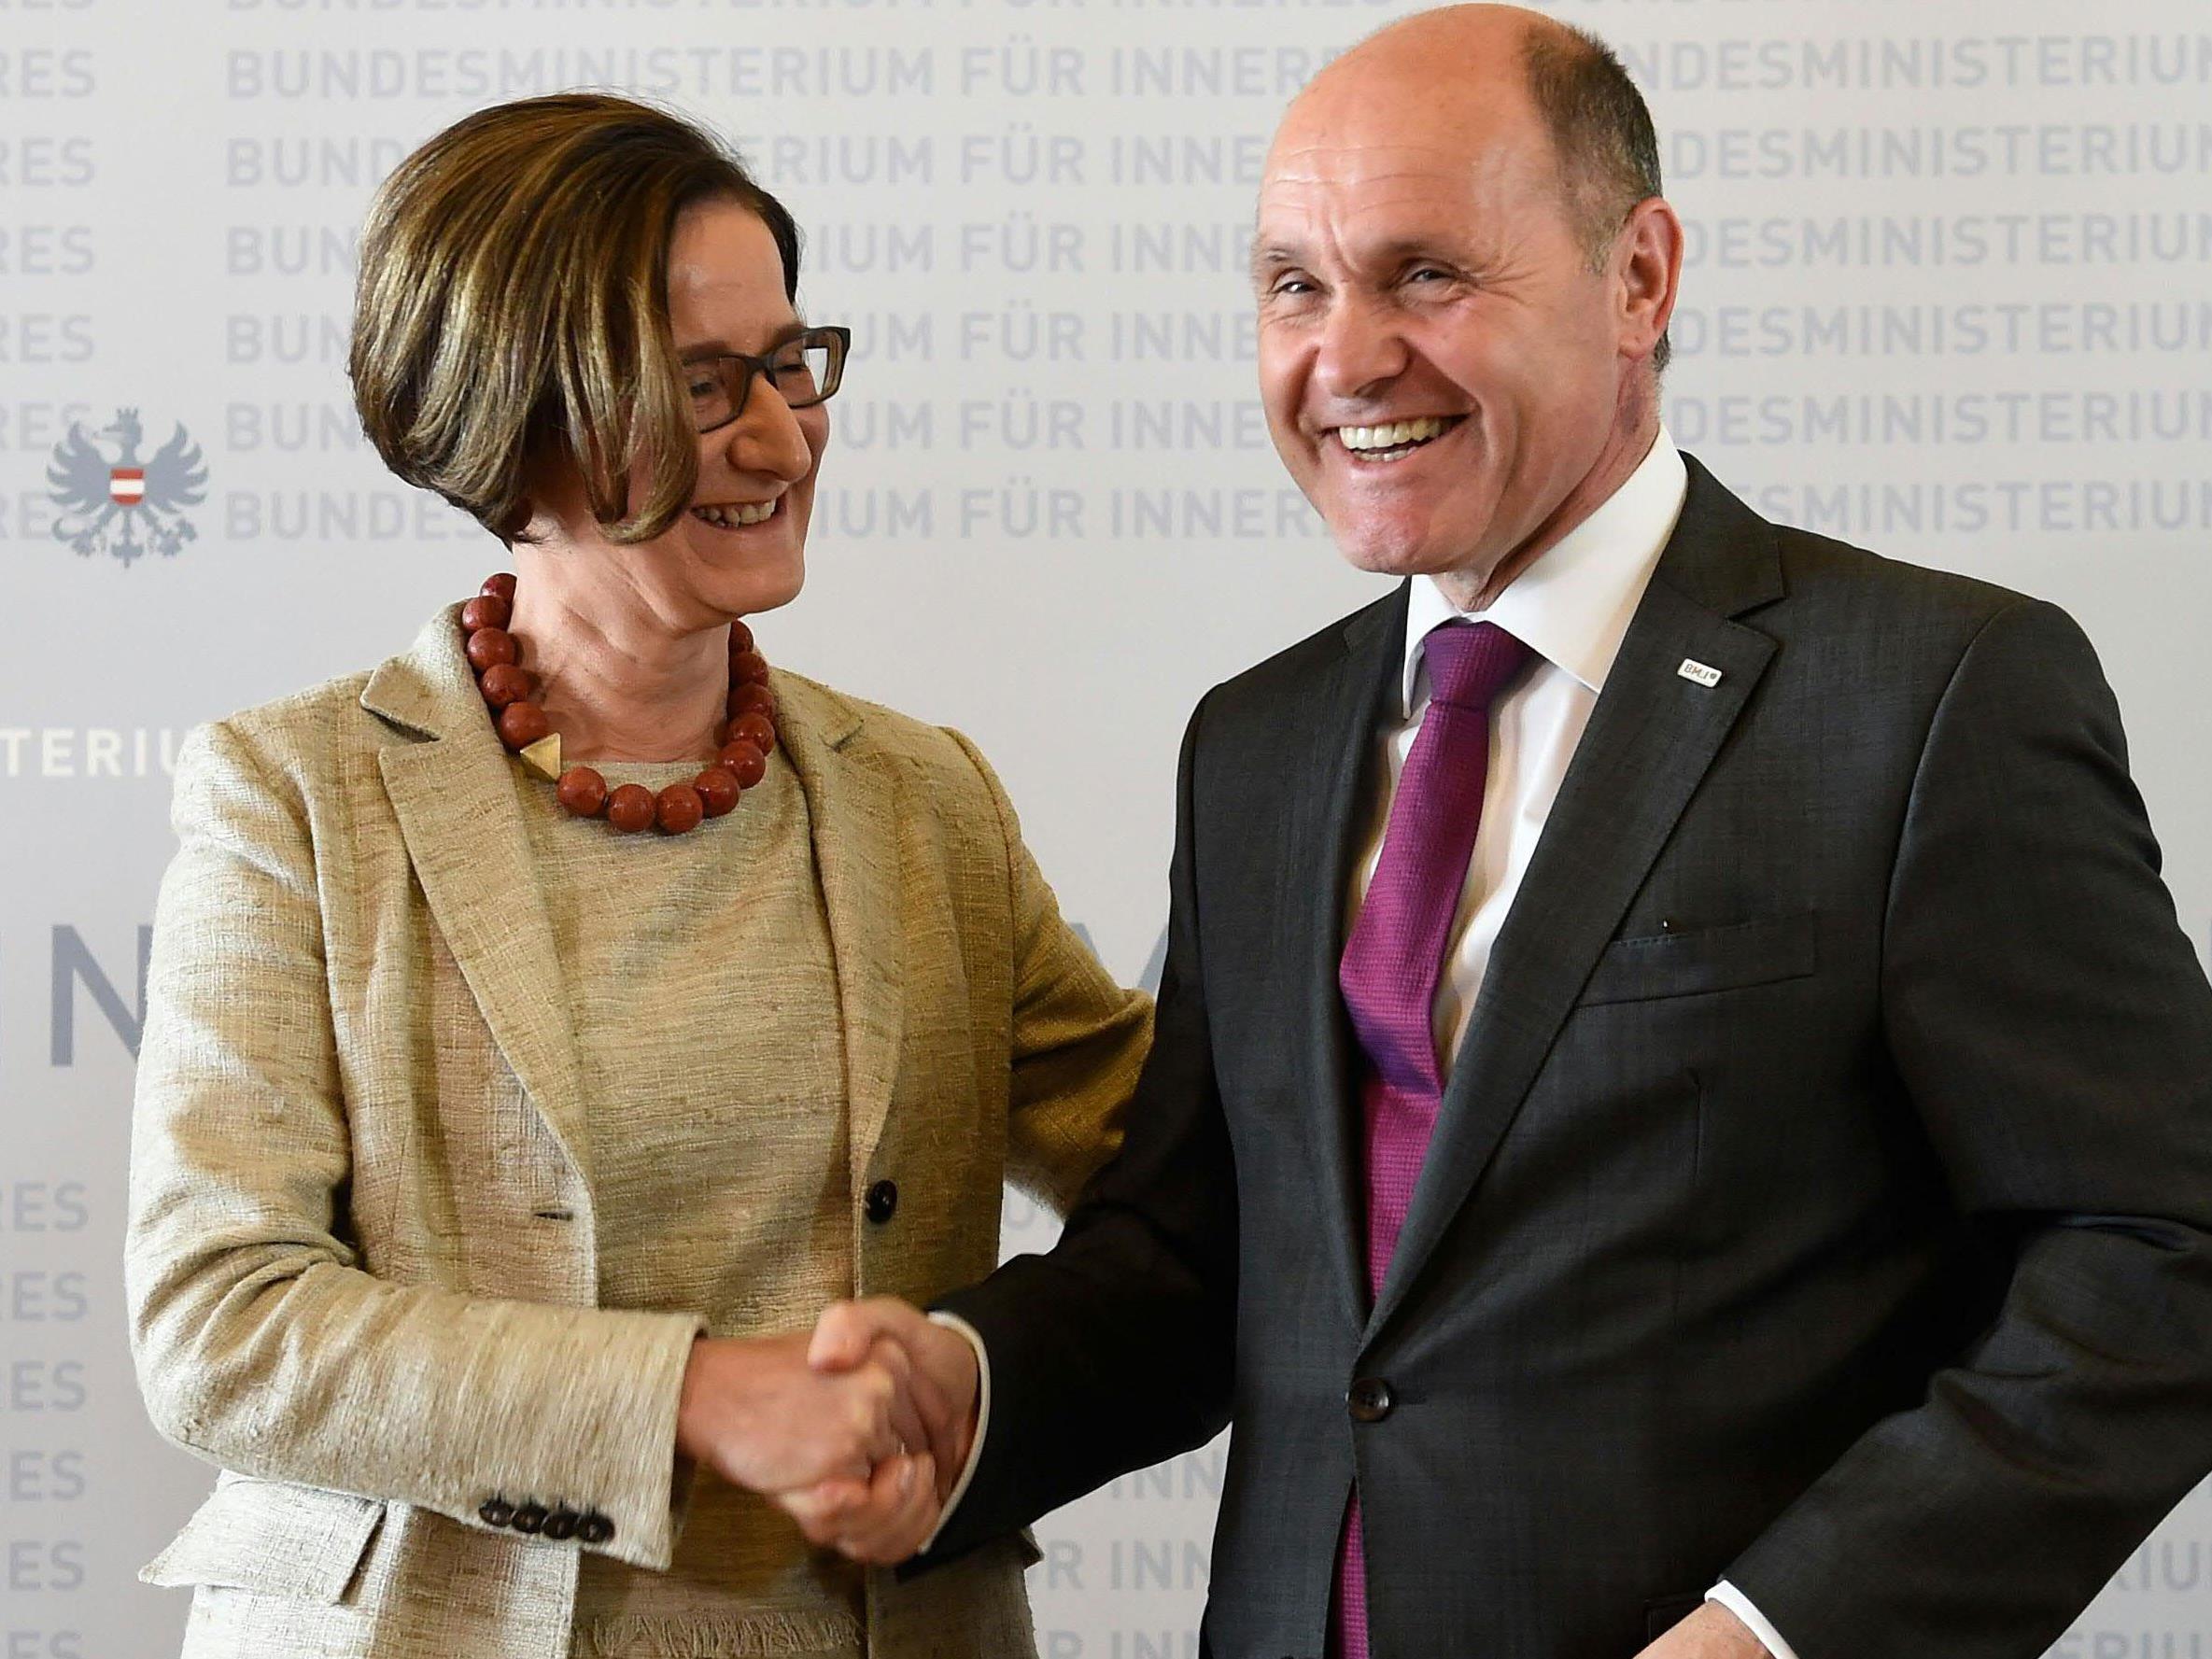 ÖVP-Rochade: Mikl-Leitner geht nach NÖ zurück, Sobotka kommt von dort ins Innenministerium.